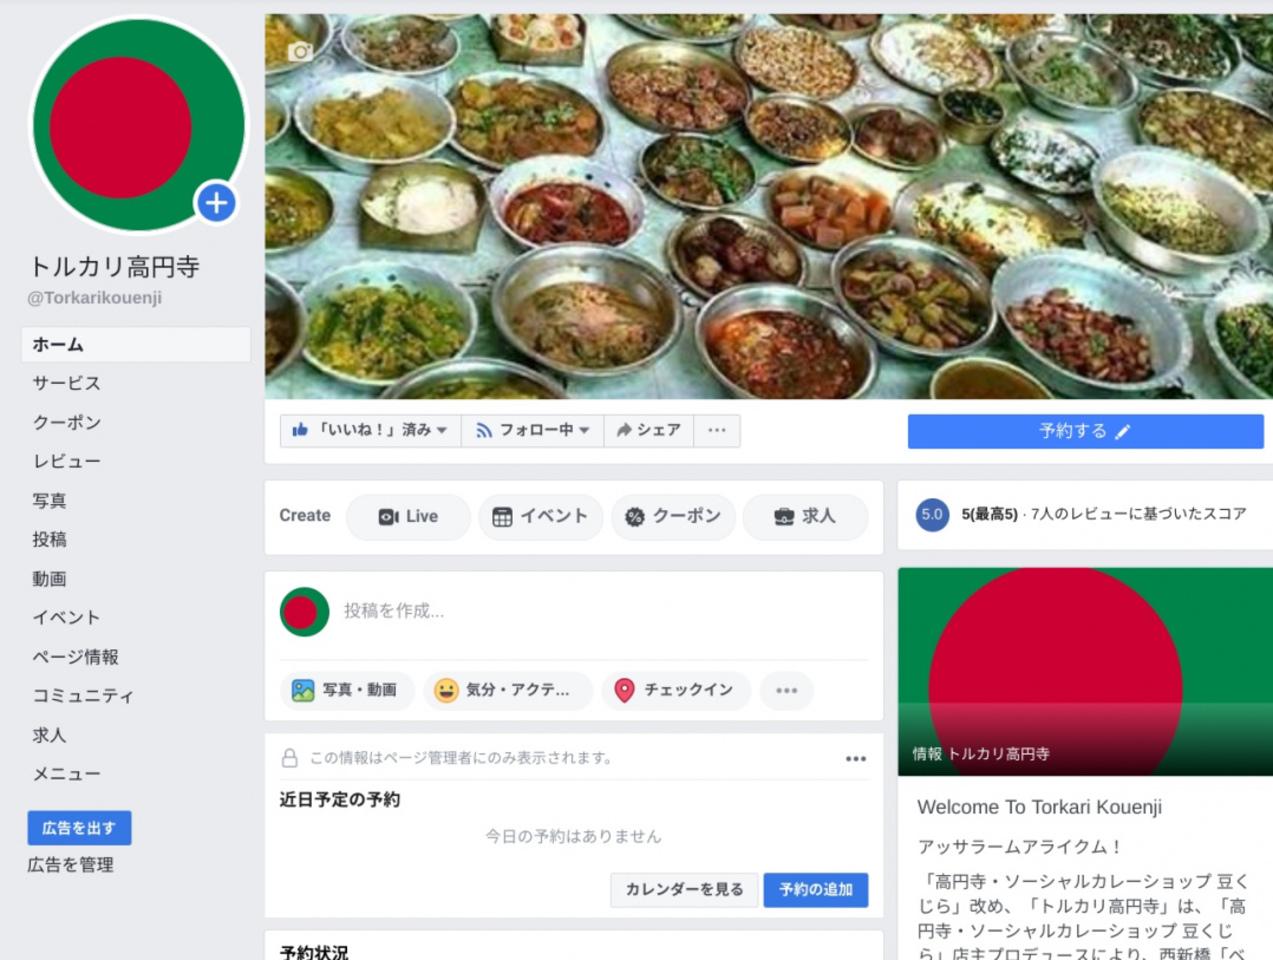 【トルカリ高円寺】公式Facebookページ開設!